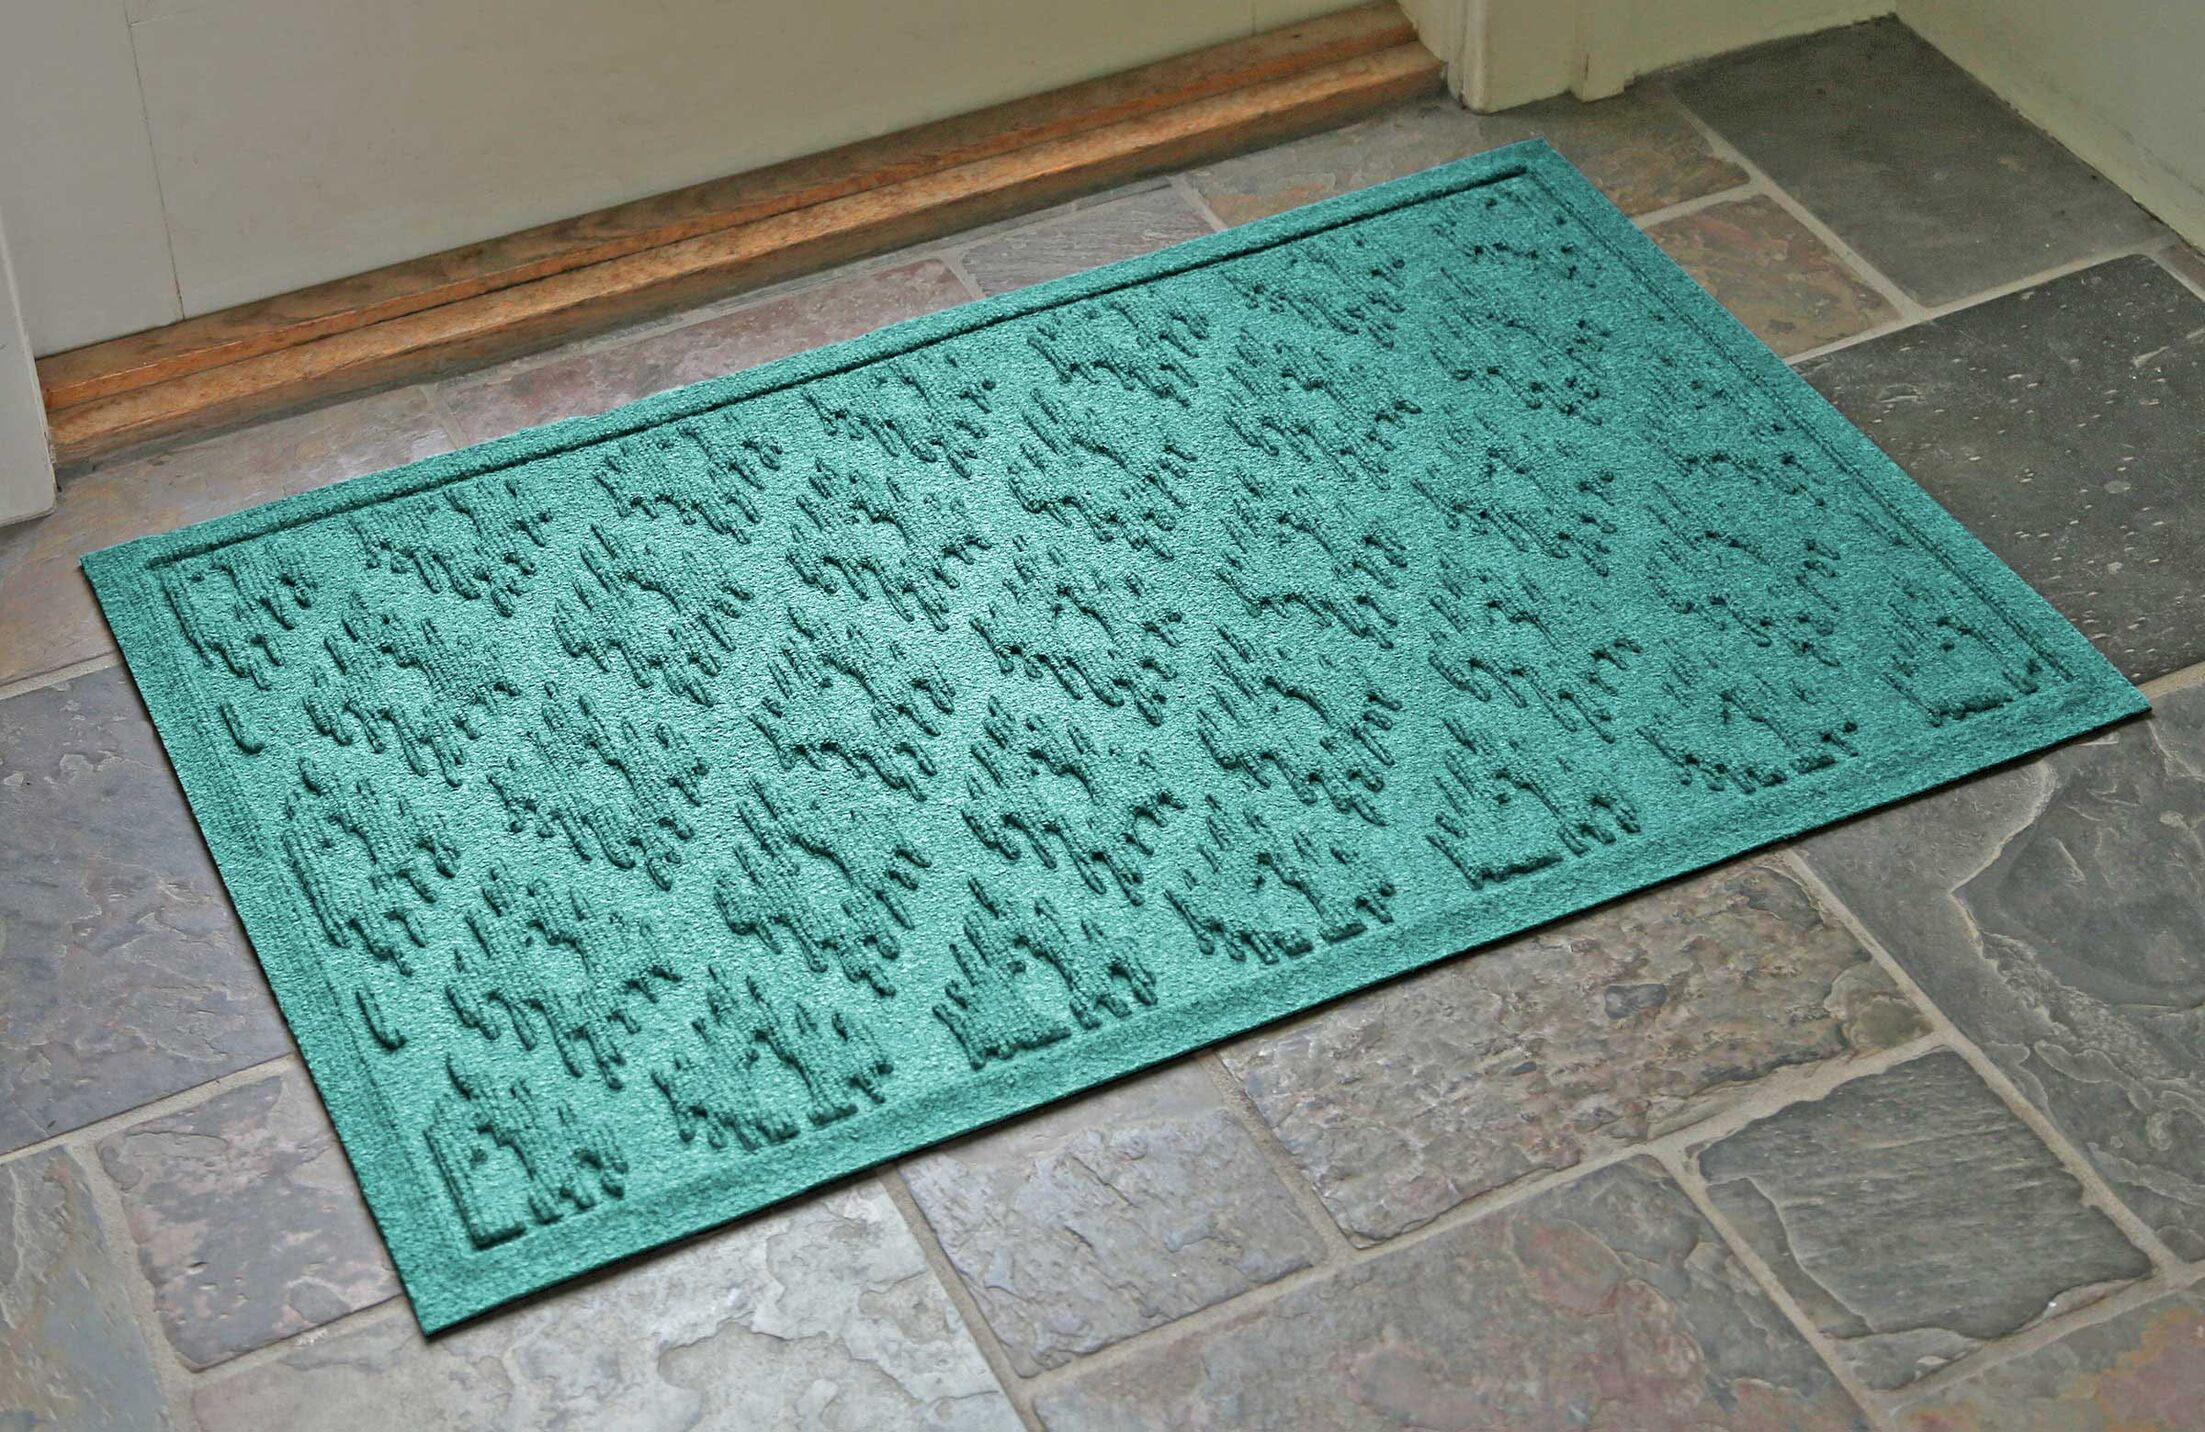 Aqua Shield Ikat Doormat Color: Charcoal, Mat Size: Rectangle 22' x 3'1